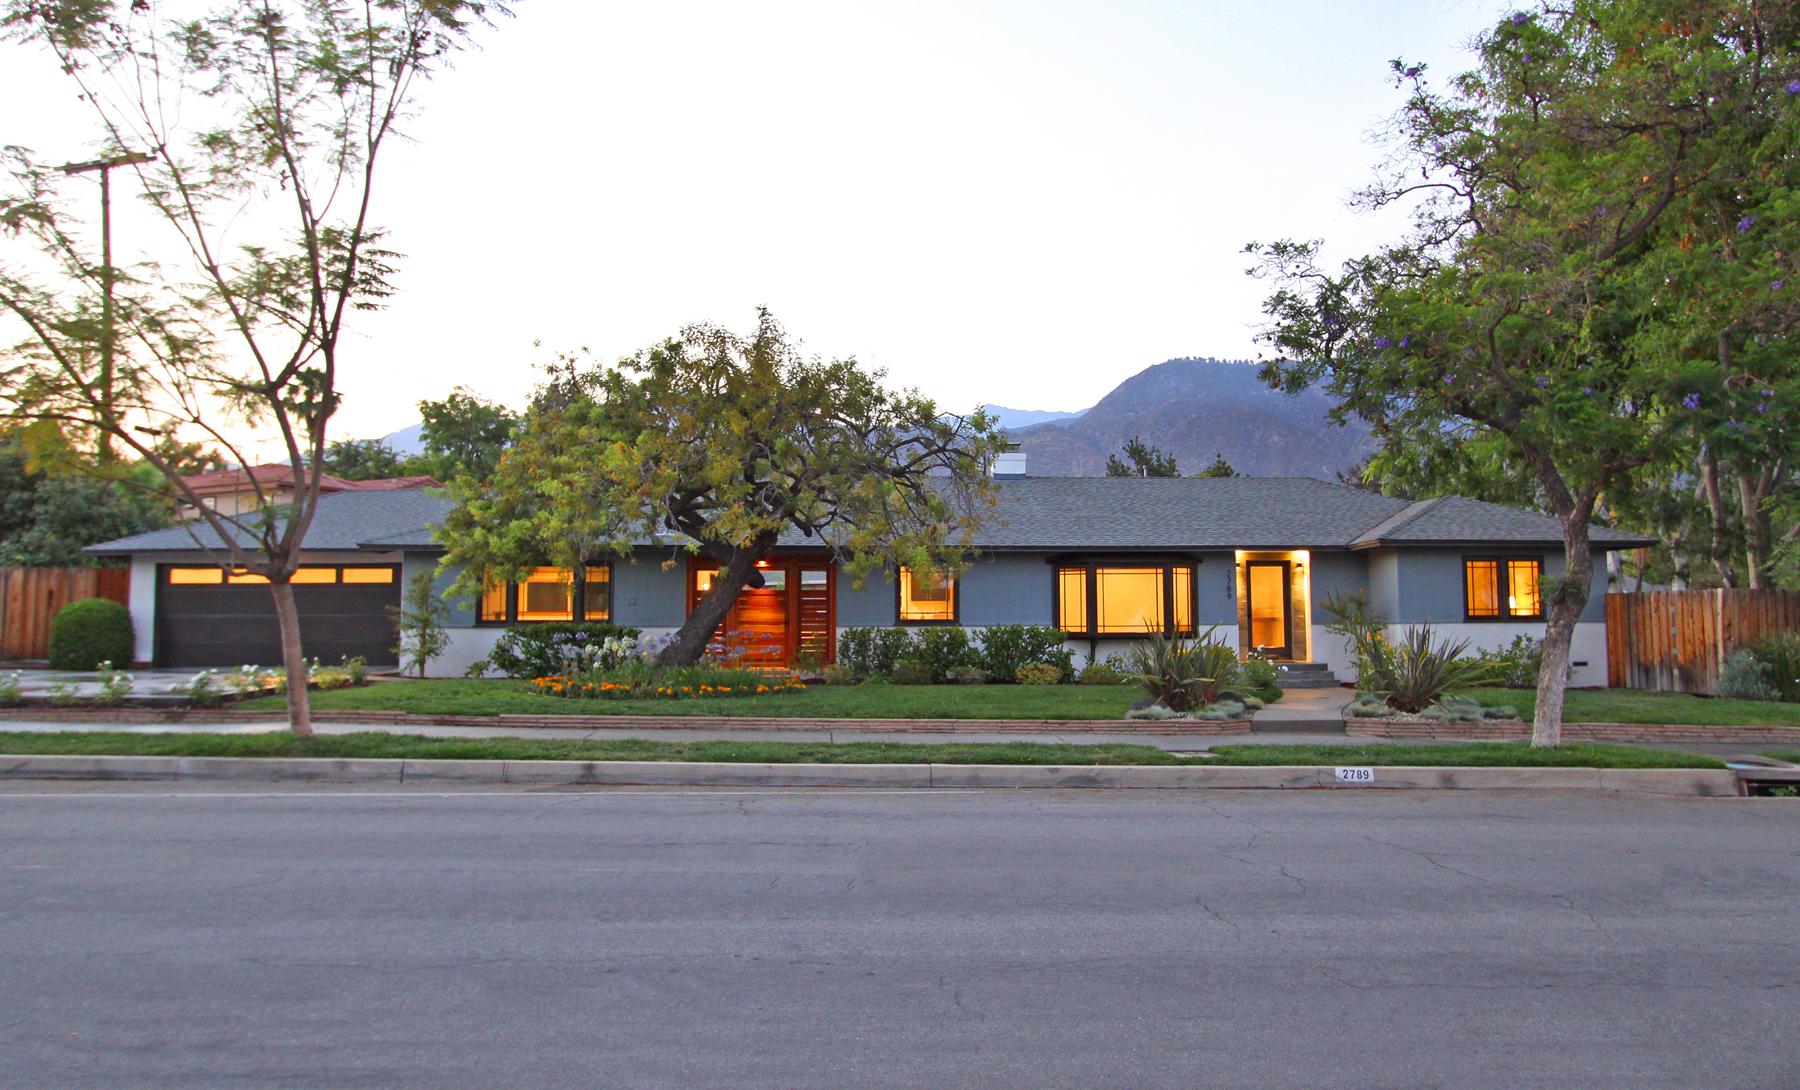 2789 Paloma St, Pasadena 91107